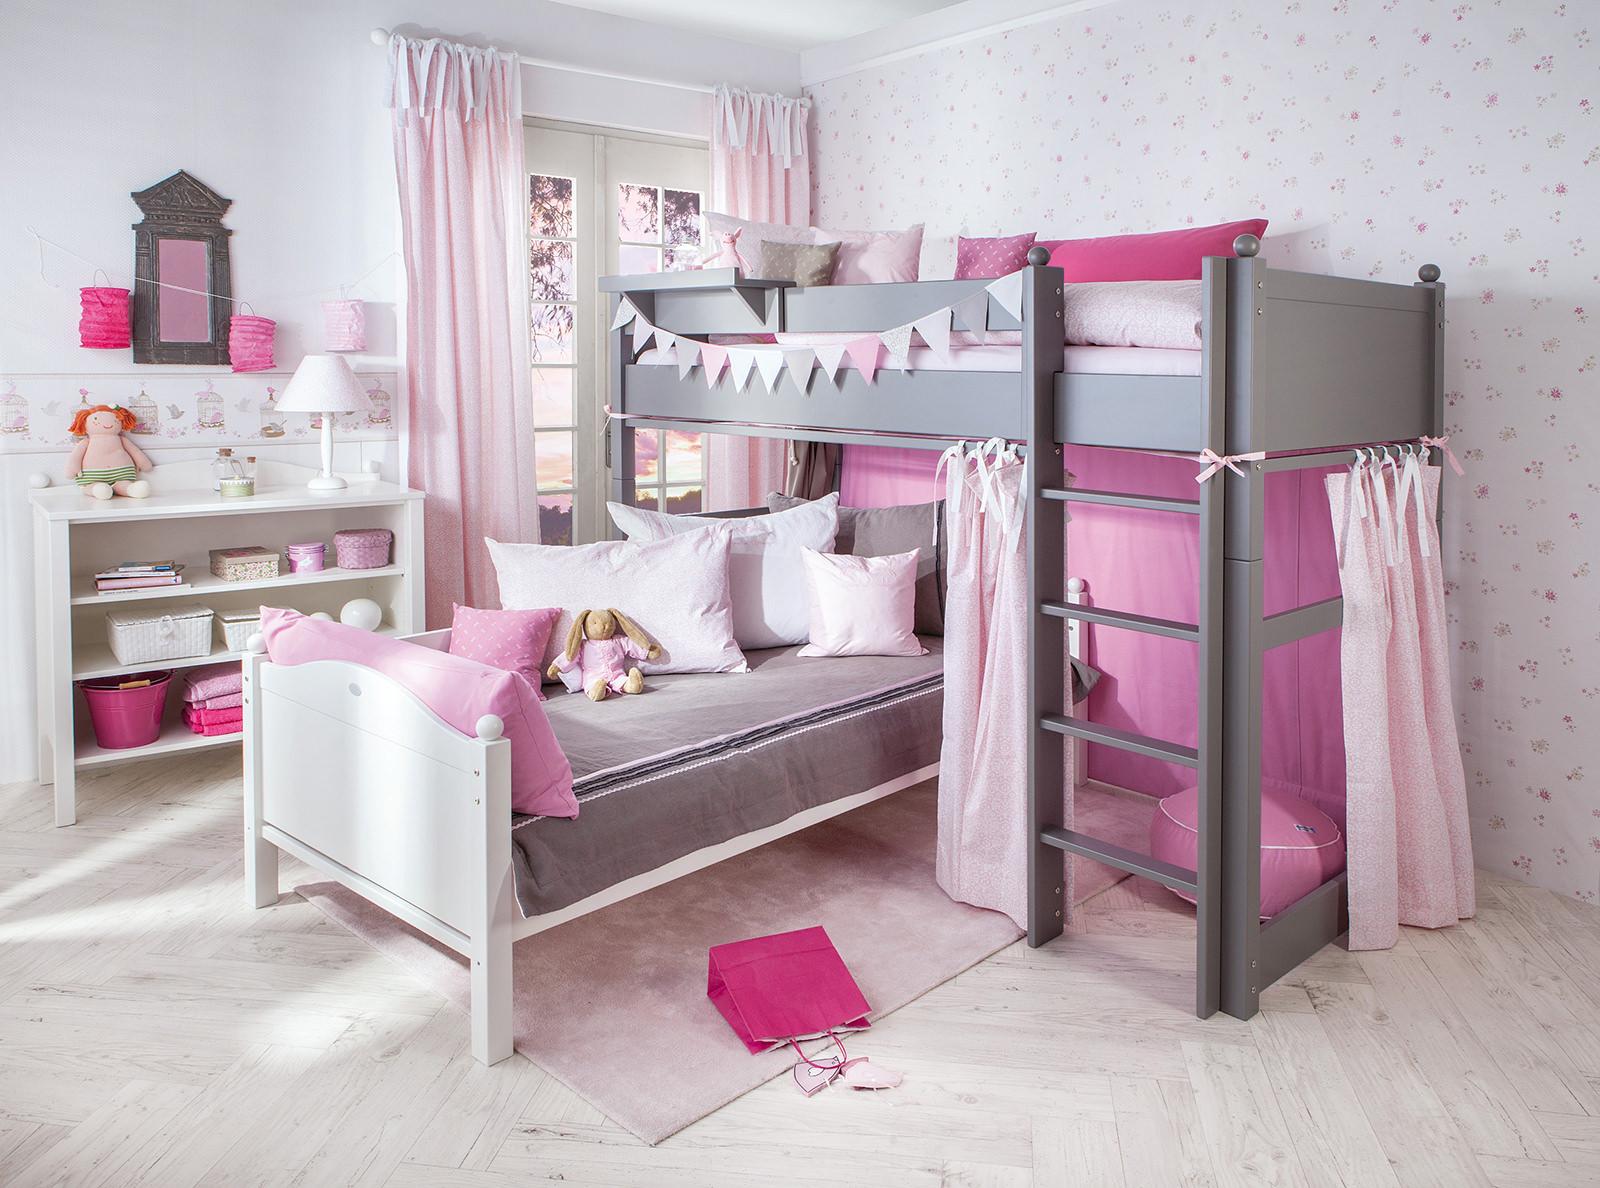 Розовые шторы из хлопка